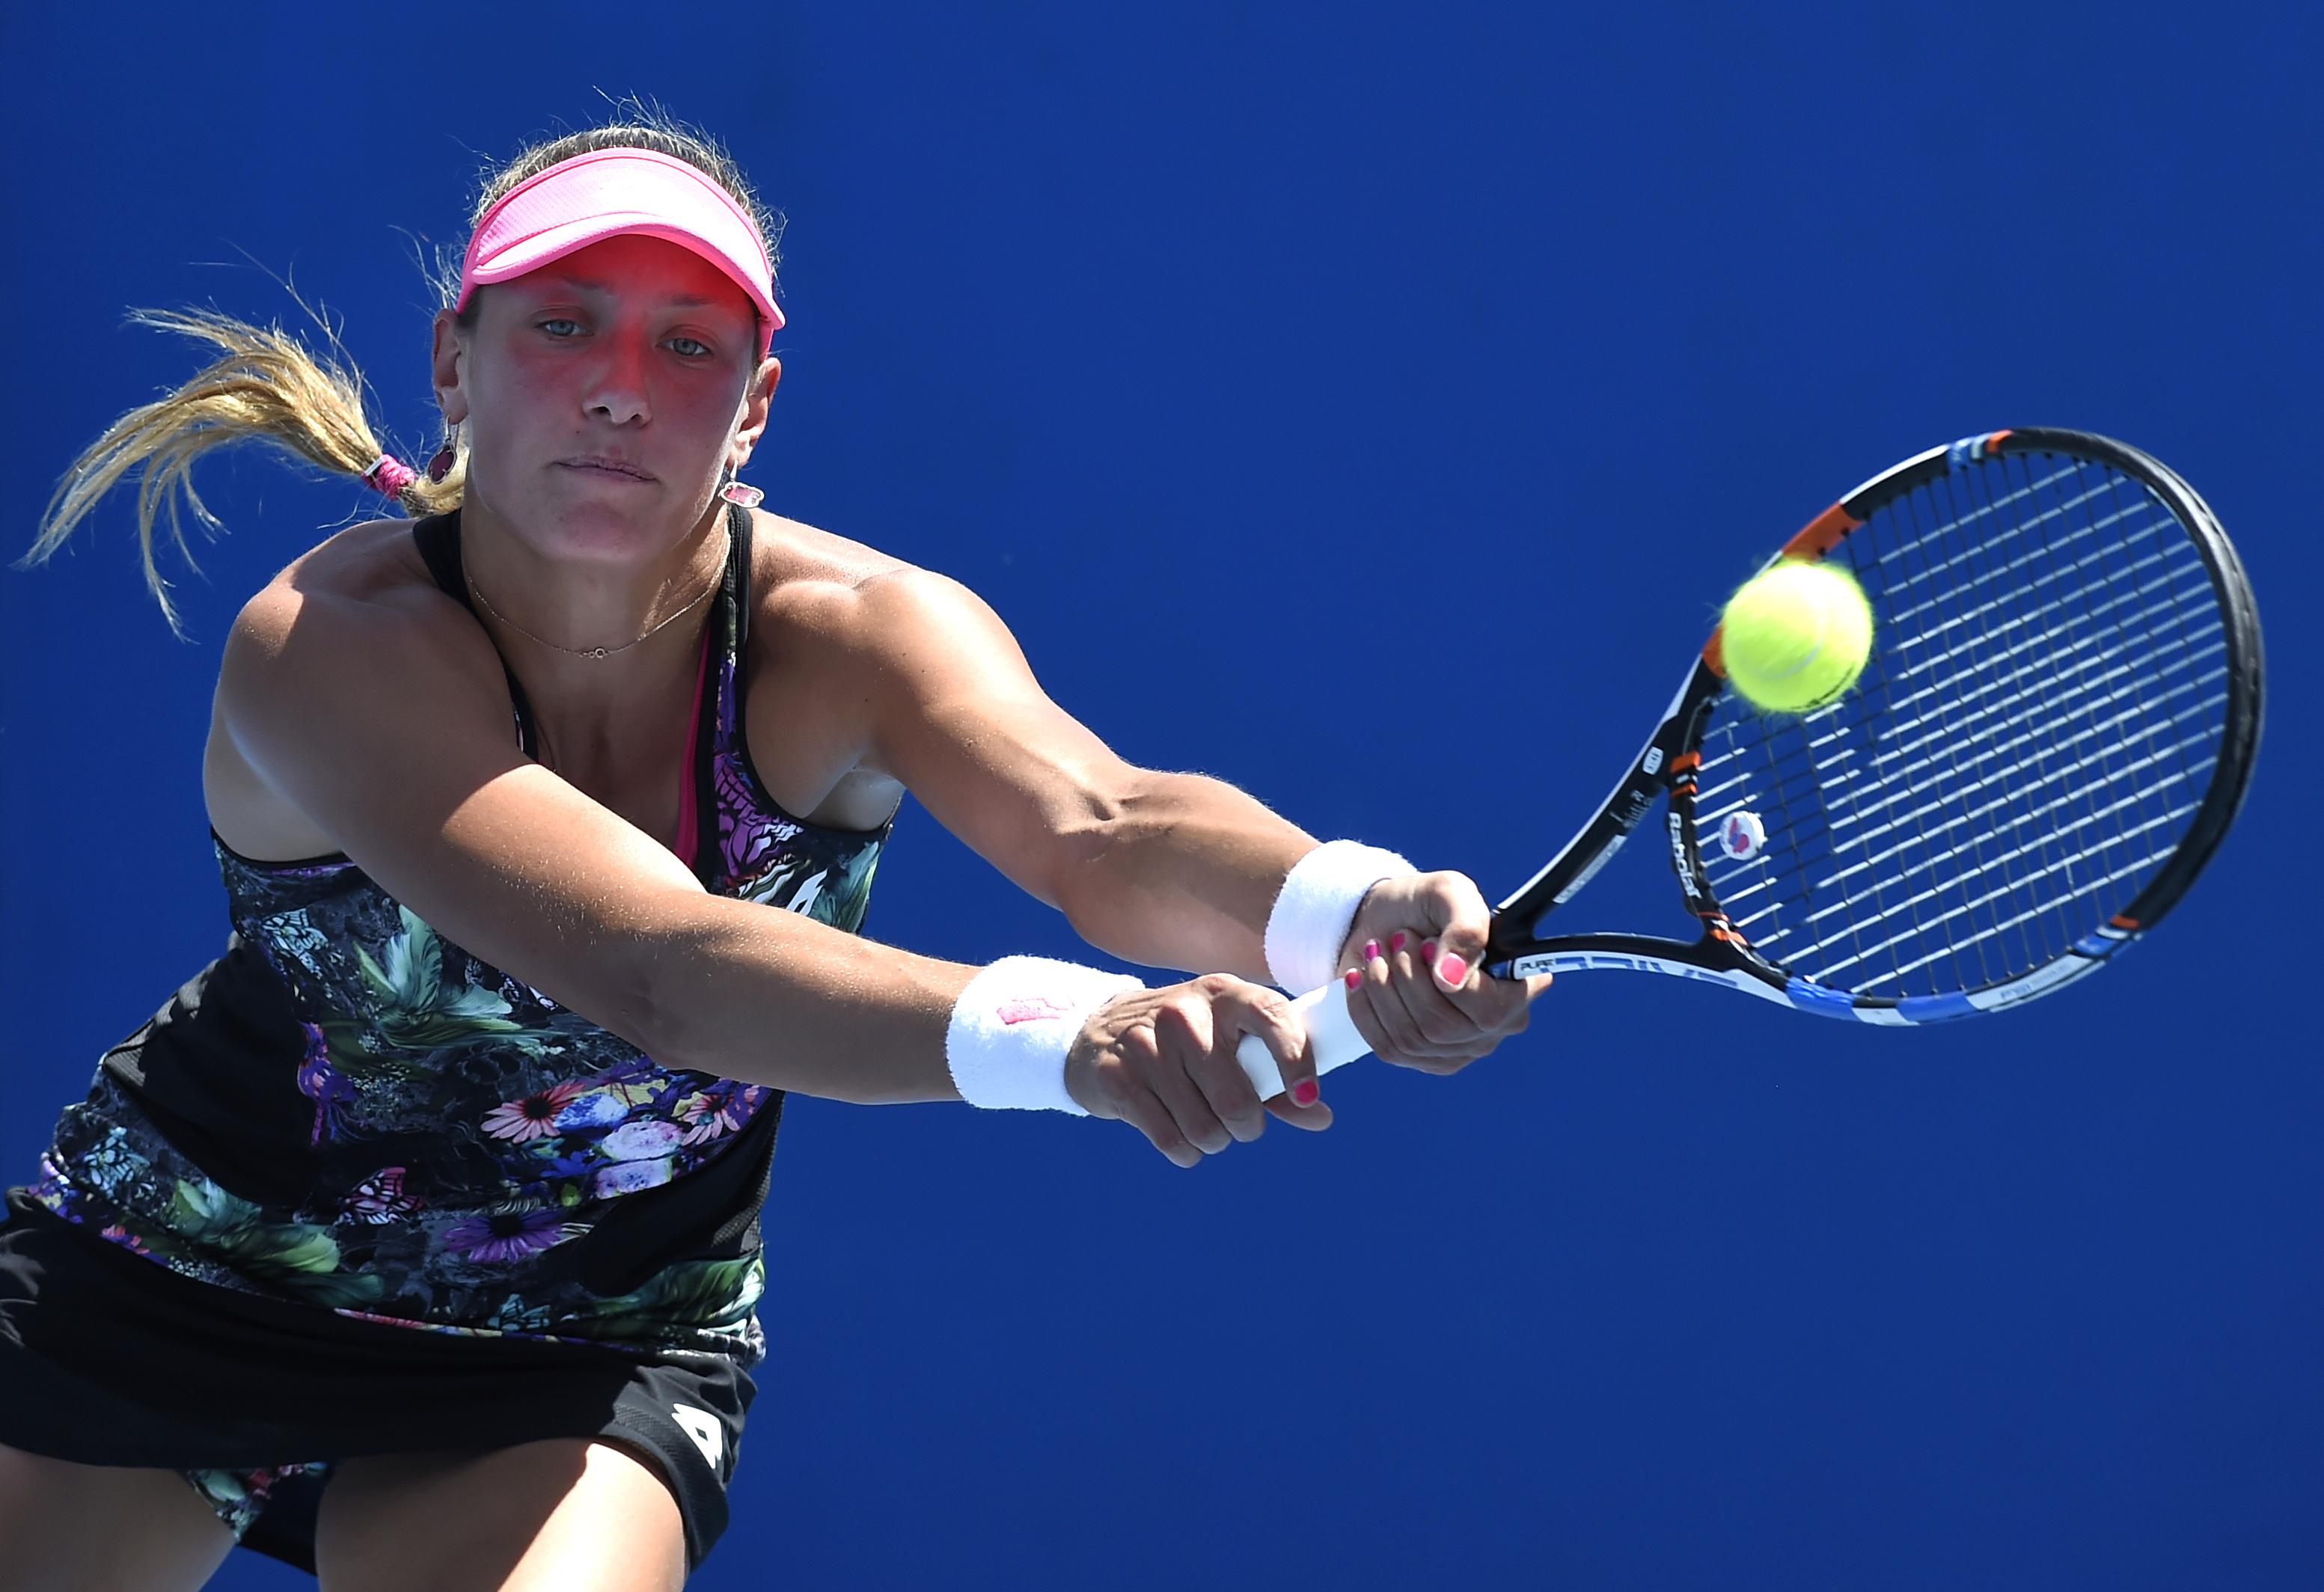 australian_open_tennis-12d9bf566d0a47ab8_r9717.jpeg